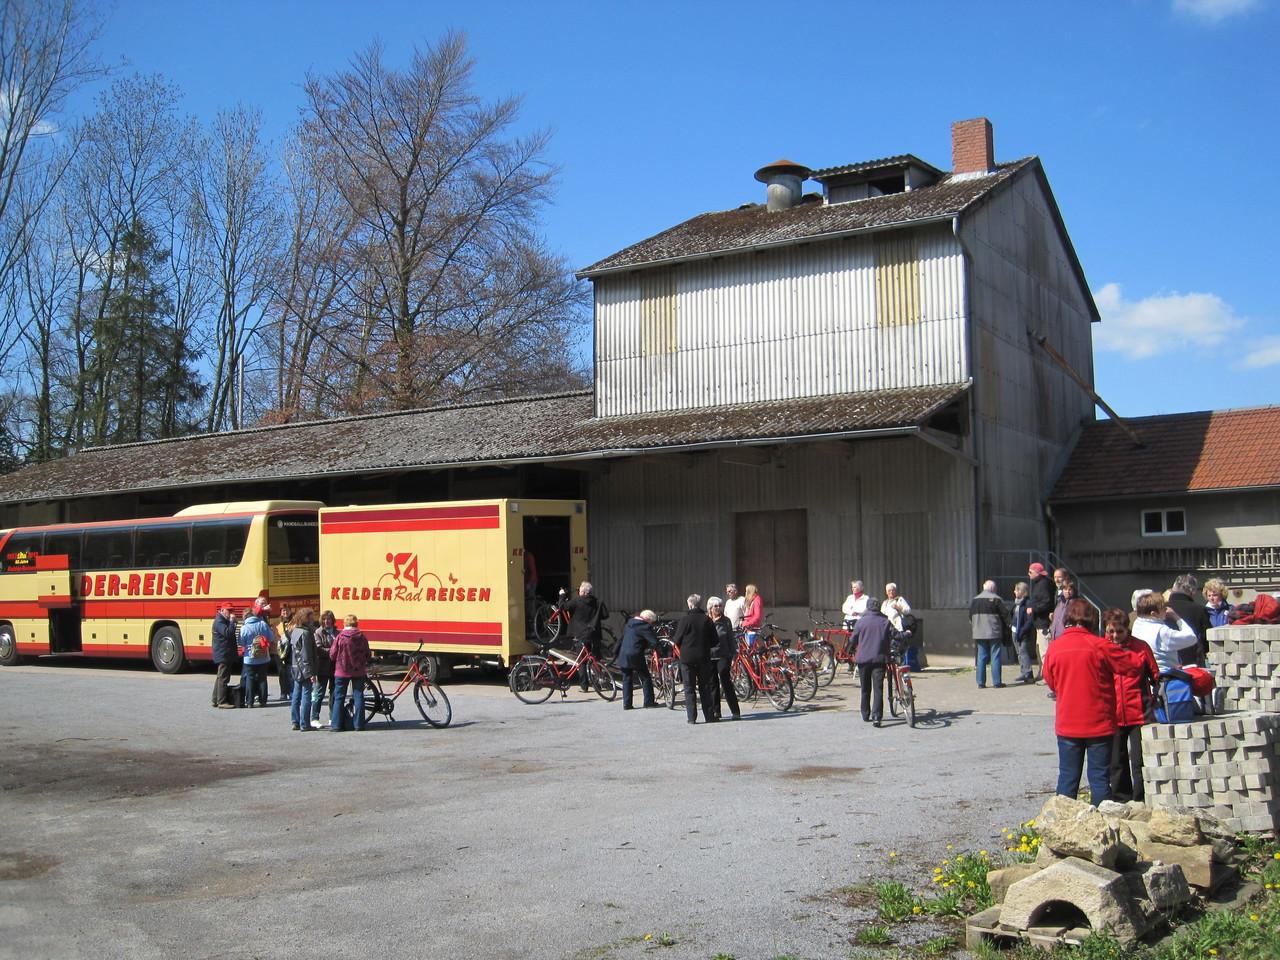 Endstation - Radverladung an der Wittlager Mühle